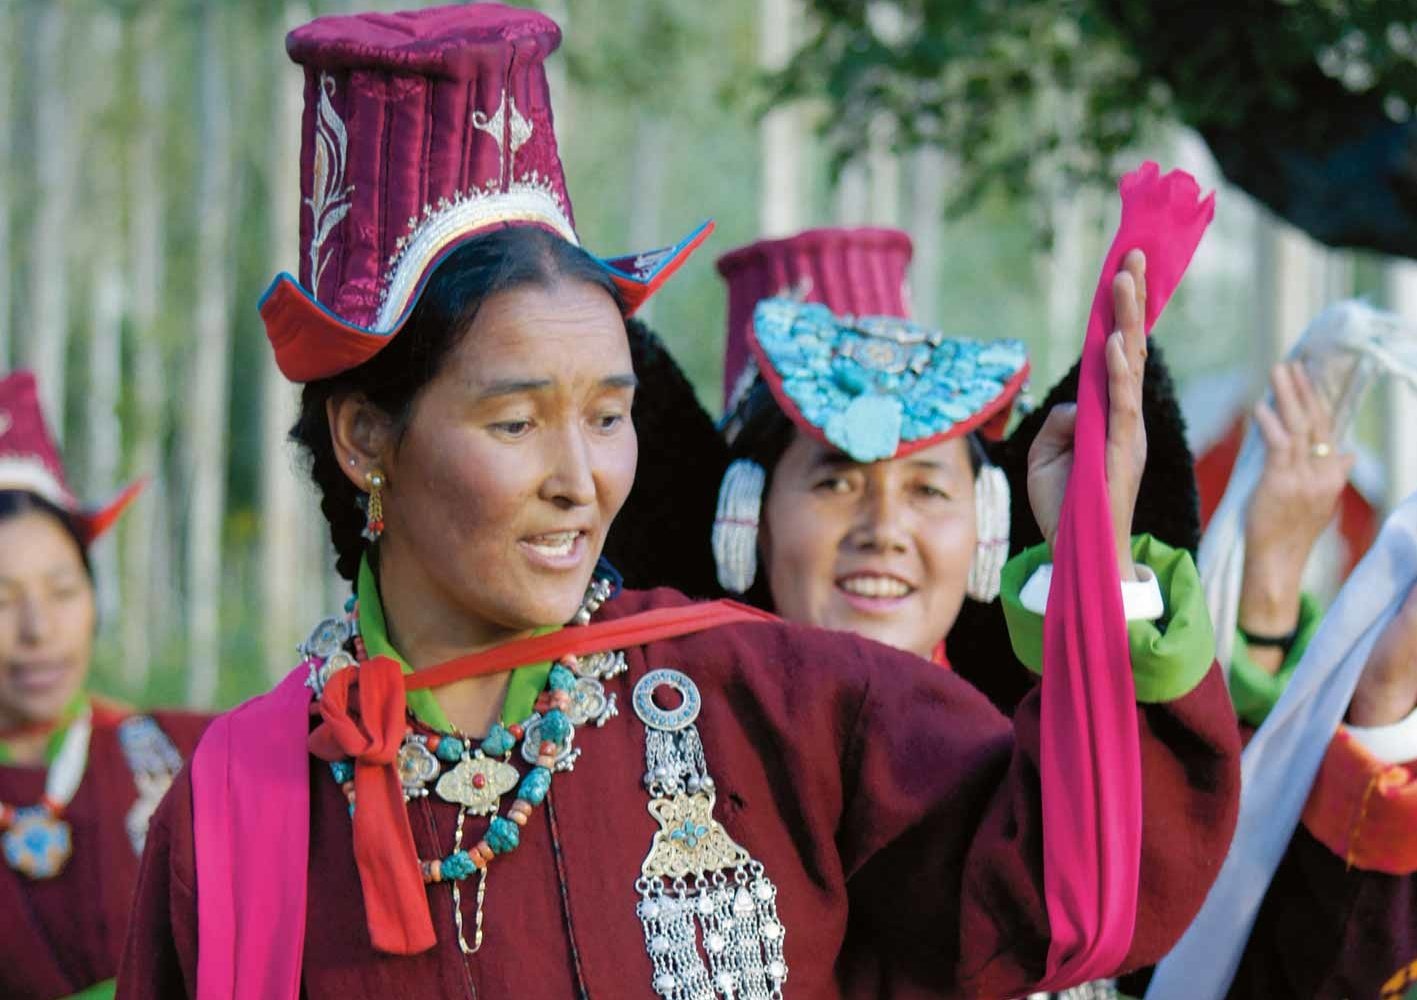 Festlich gekleidete Frauen am Klosterfest in Ladakh